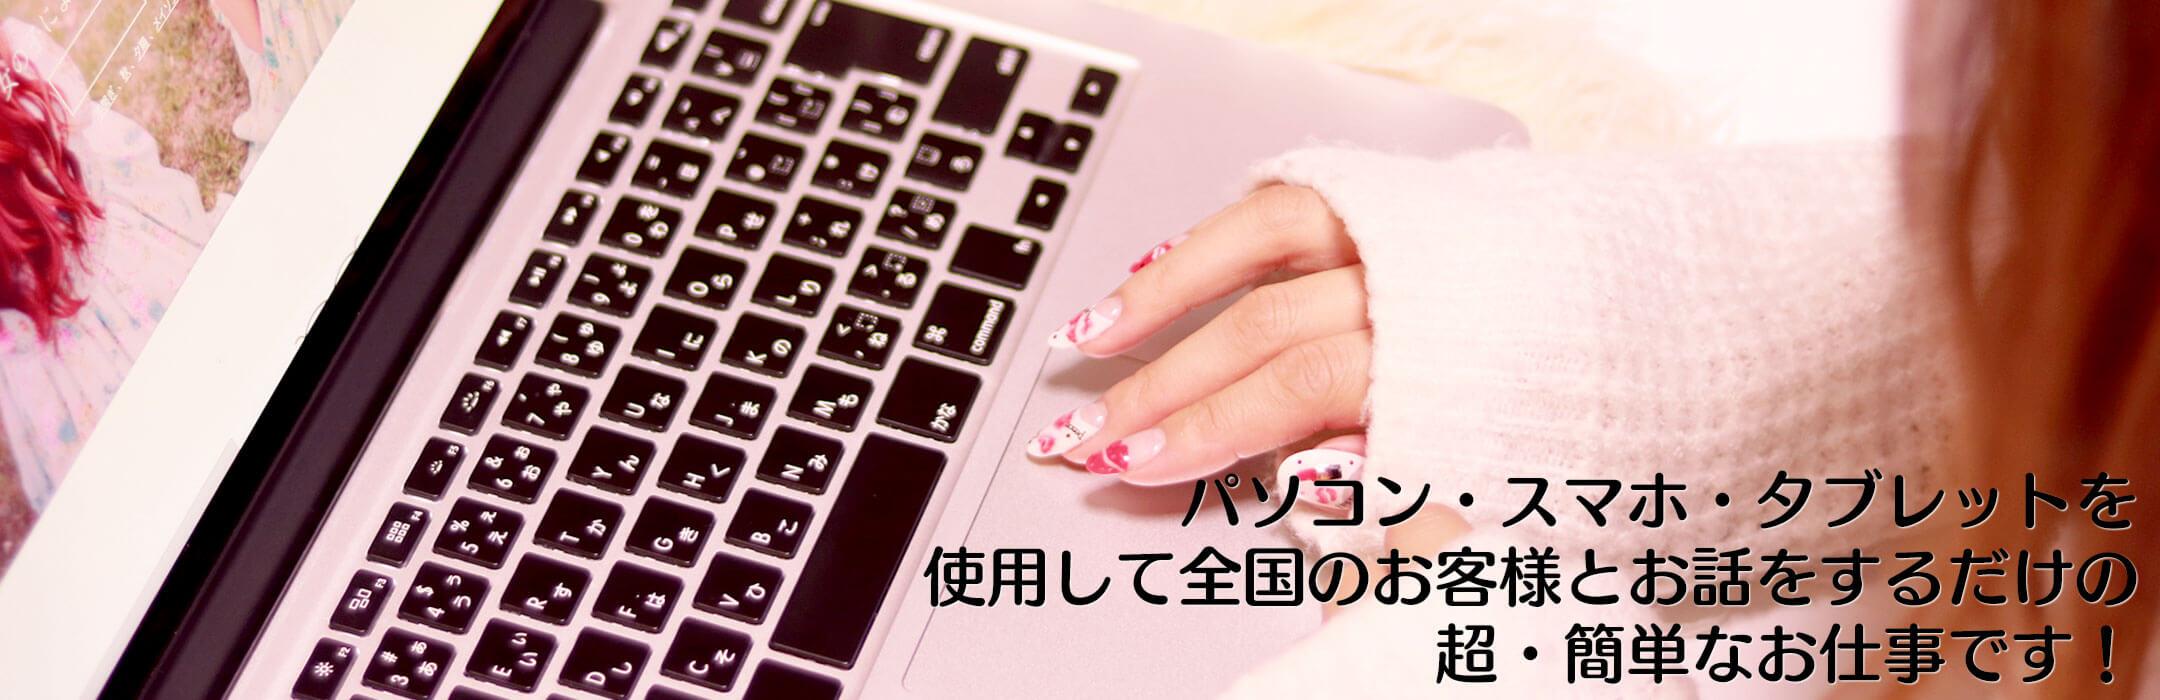 チャット 女の子募集 沖縄 アルバイト